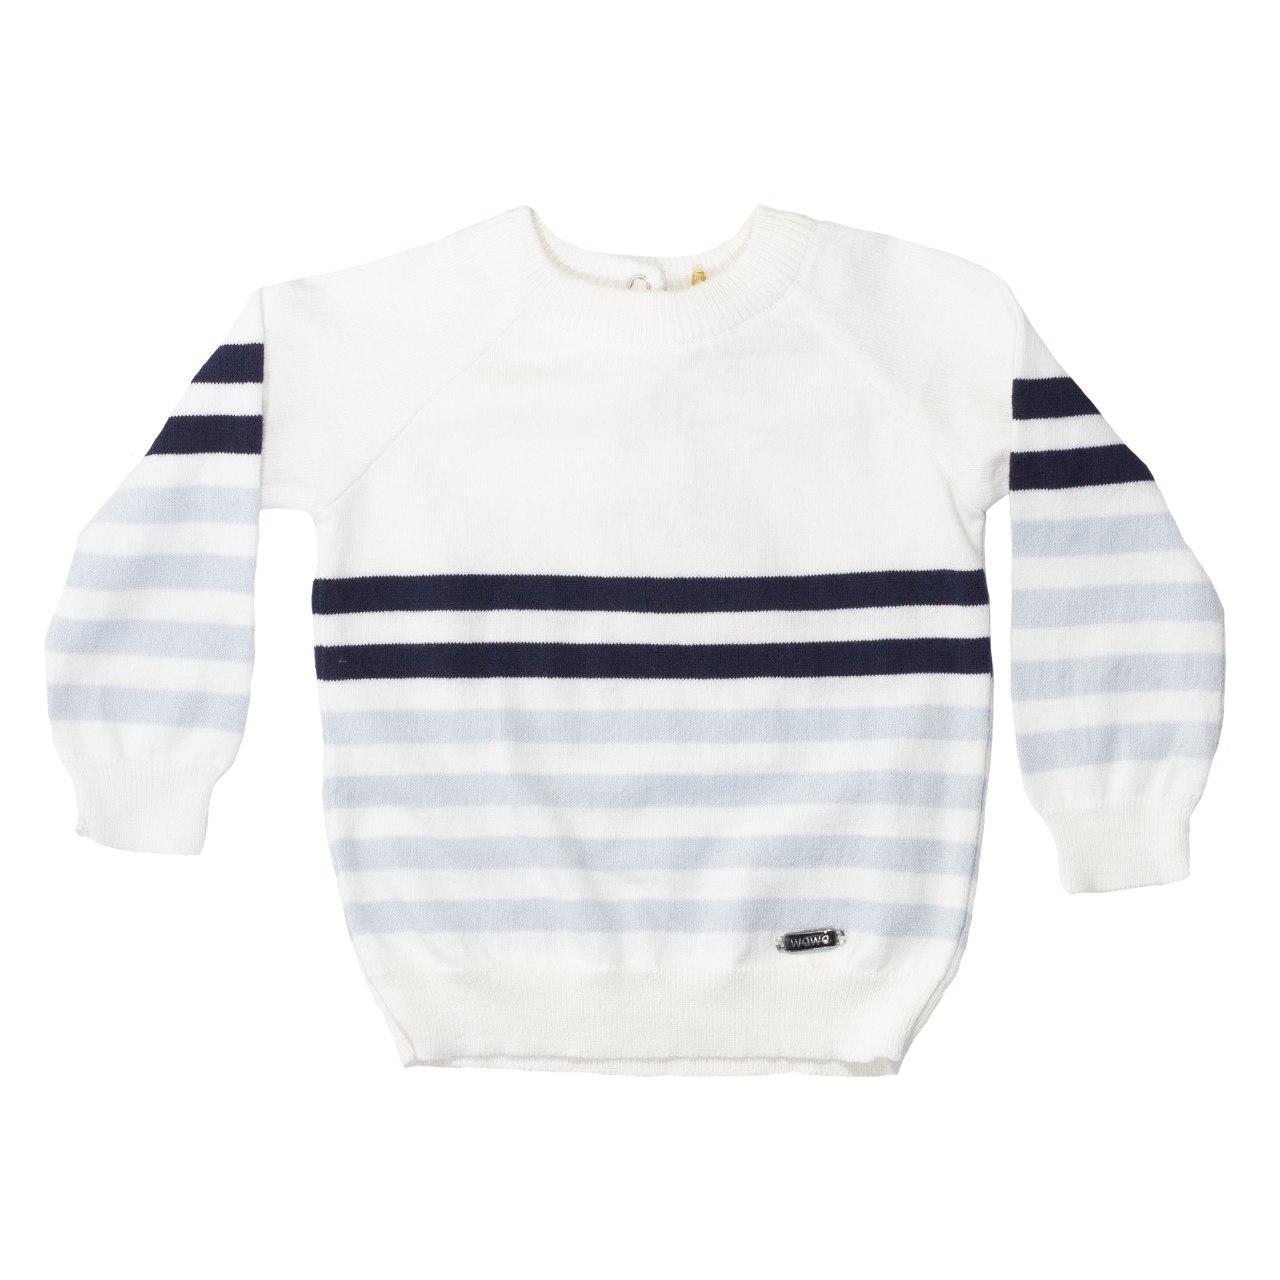 В'язаний светр для новонародженого, унісекс, розміри 3 міс, 6 міс., 9 міс